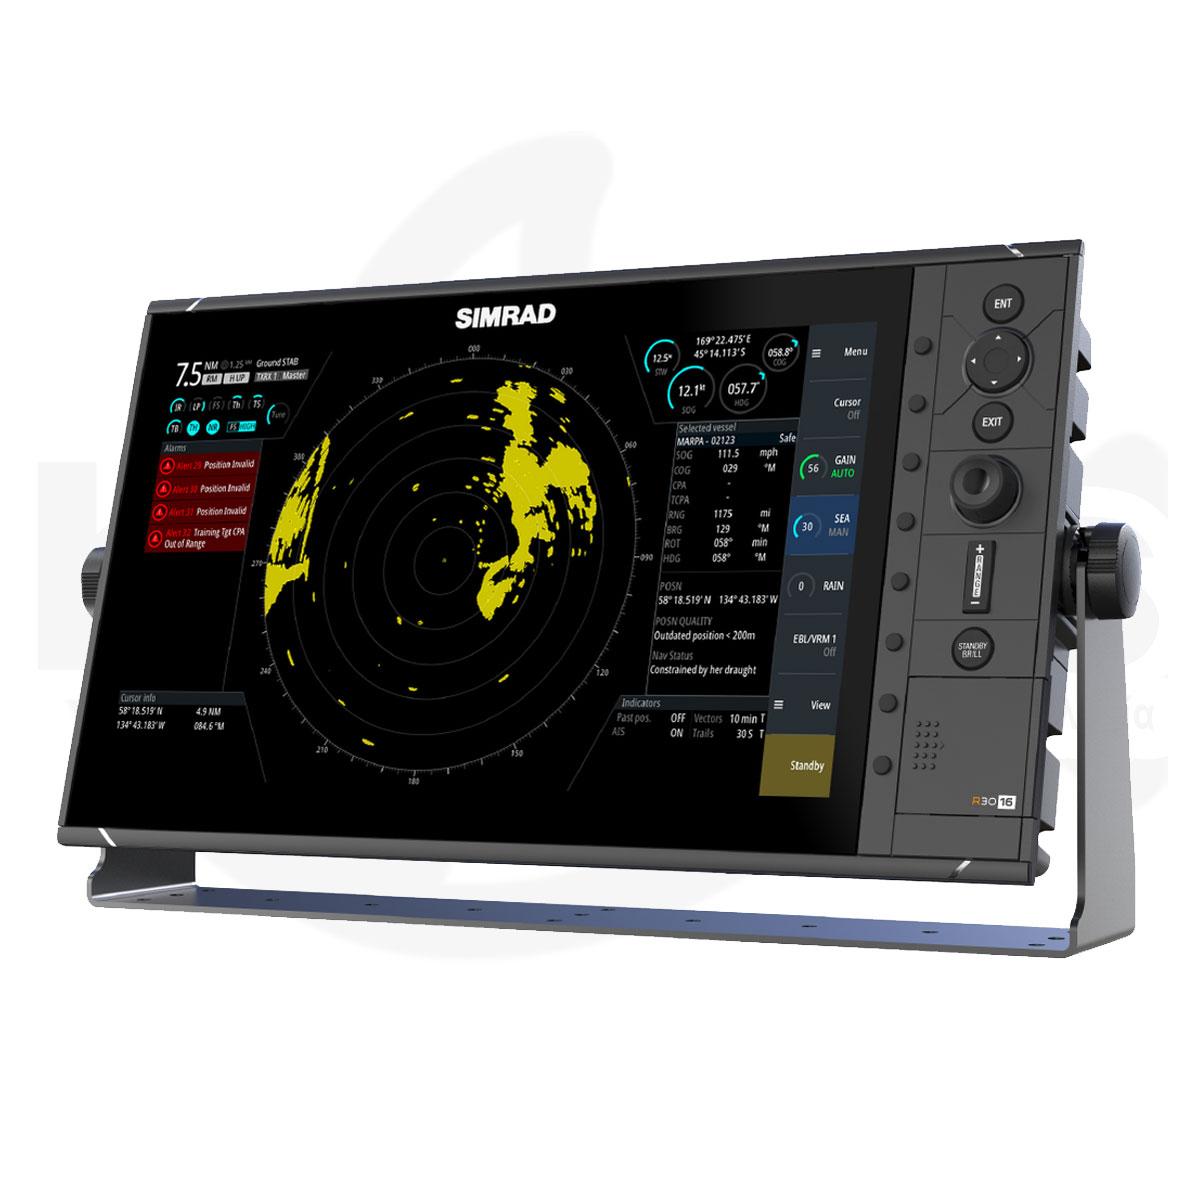 Μονάδα Ελέγχου Ραντάρ R3016 SIMRAD